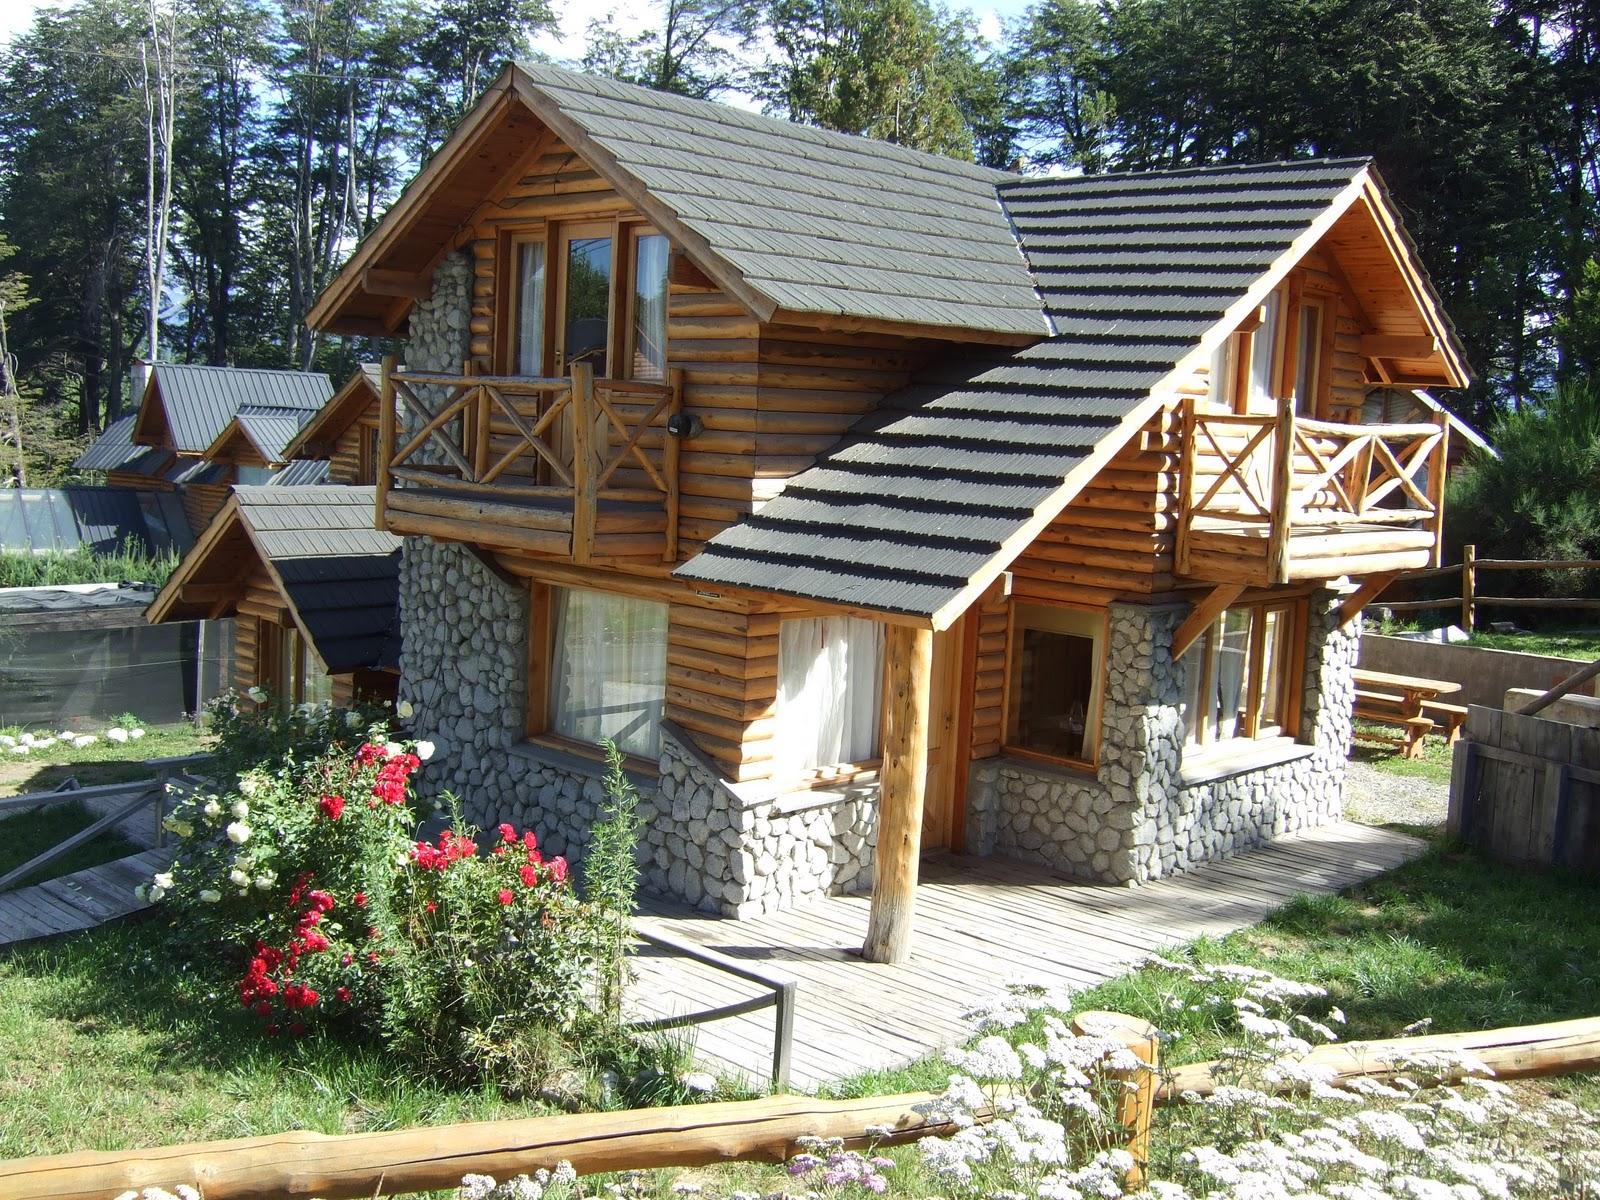 Descubriendo las am ricas argentina villa la angostura - Casas de madera nordicas ...